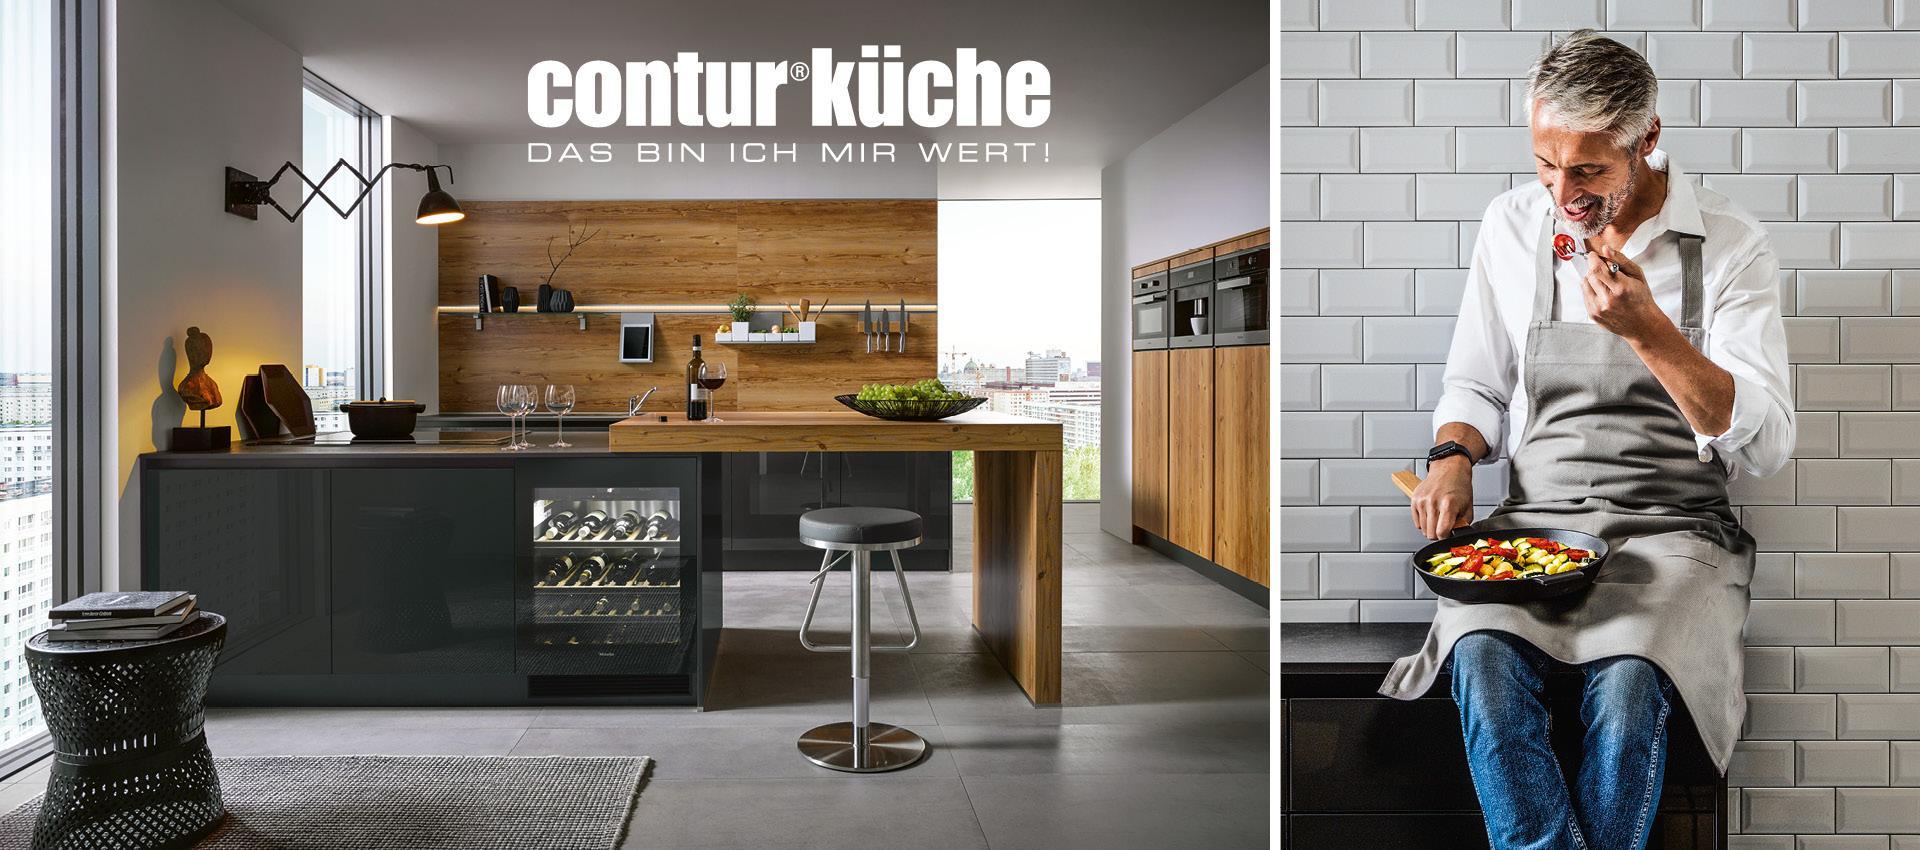 Full Size of Walden Küchen Abverkauf Das Mbel Und Kchenhaus In Ingolstadt Schuster Home Company Inselküche Regal Bad Wohnzimmer Walden Küchen Abverkauf